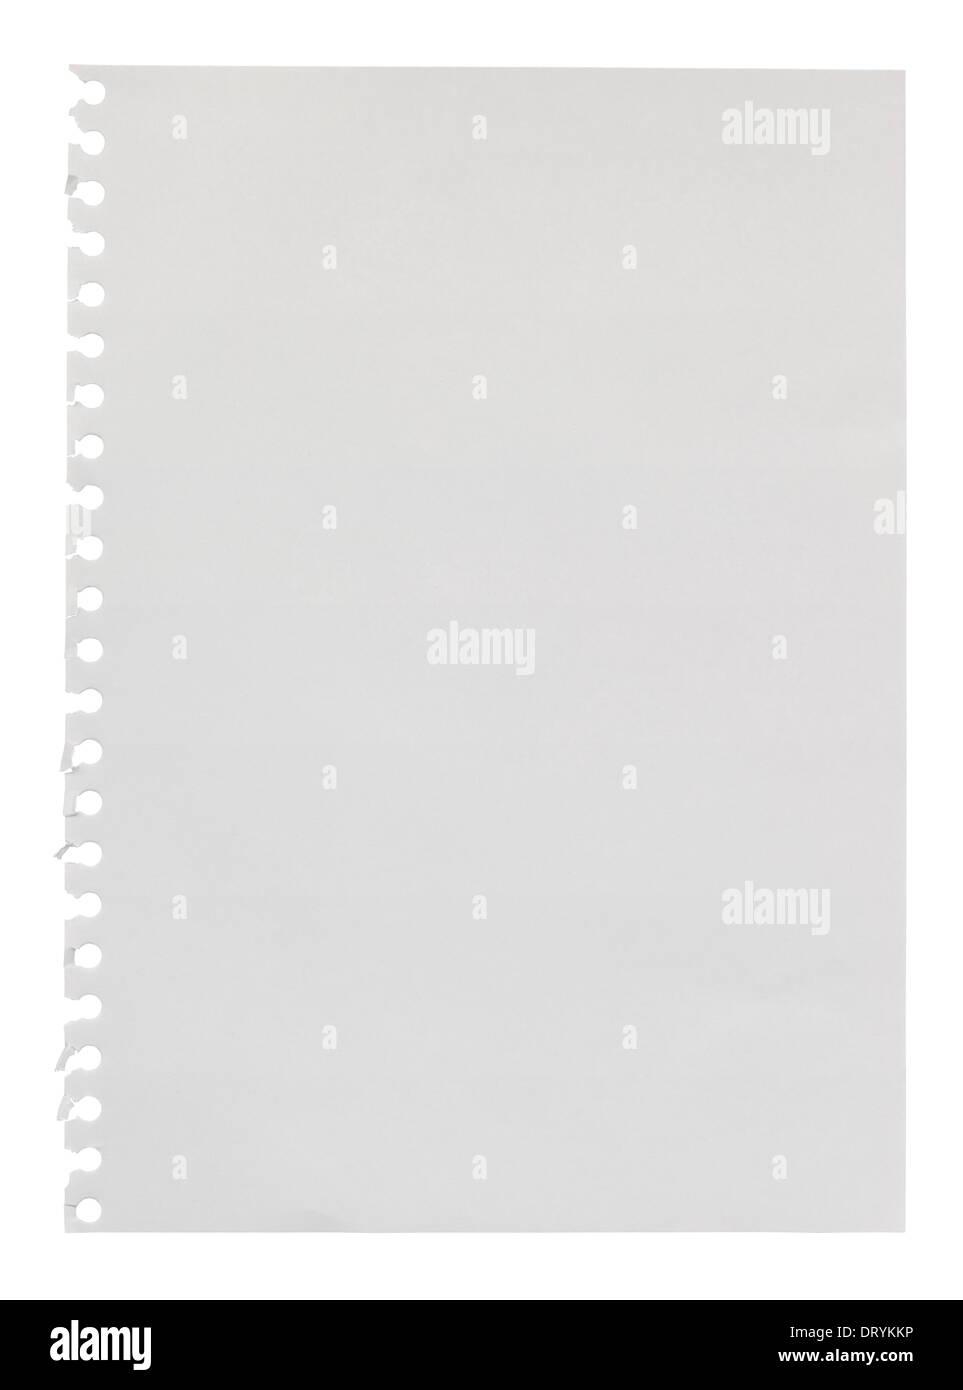 Page blanche arrachée à un anneau relie album pour l'utiliser comme un élément de conception avec l'espace vide de votre propre message personnalisé Photo Stock